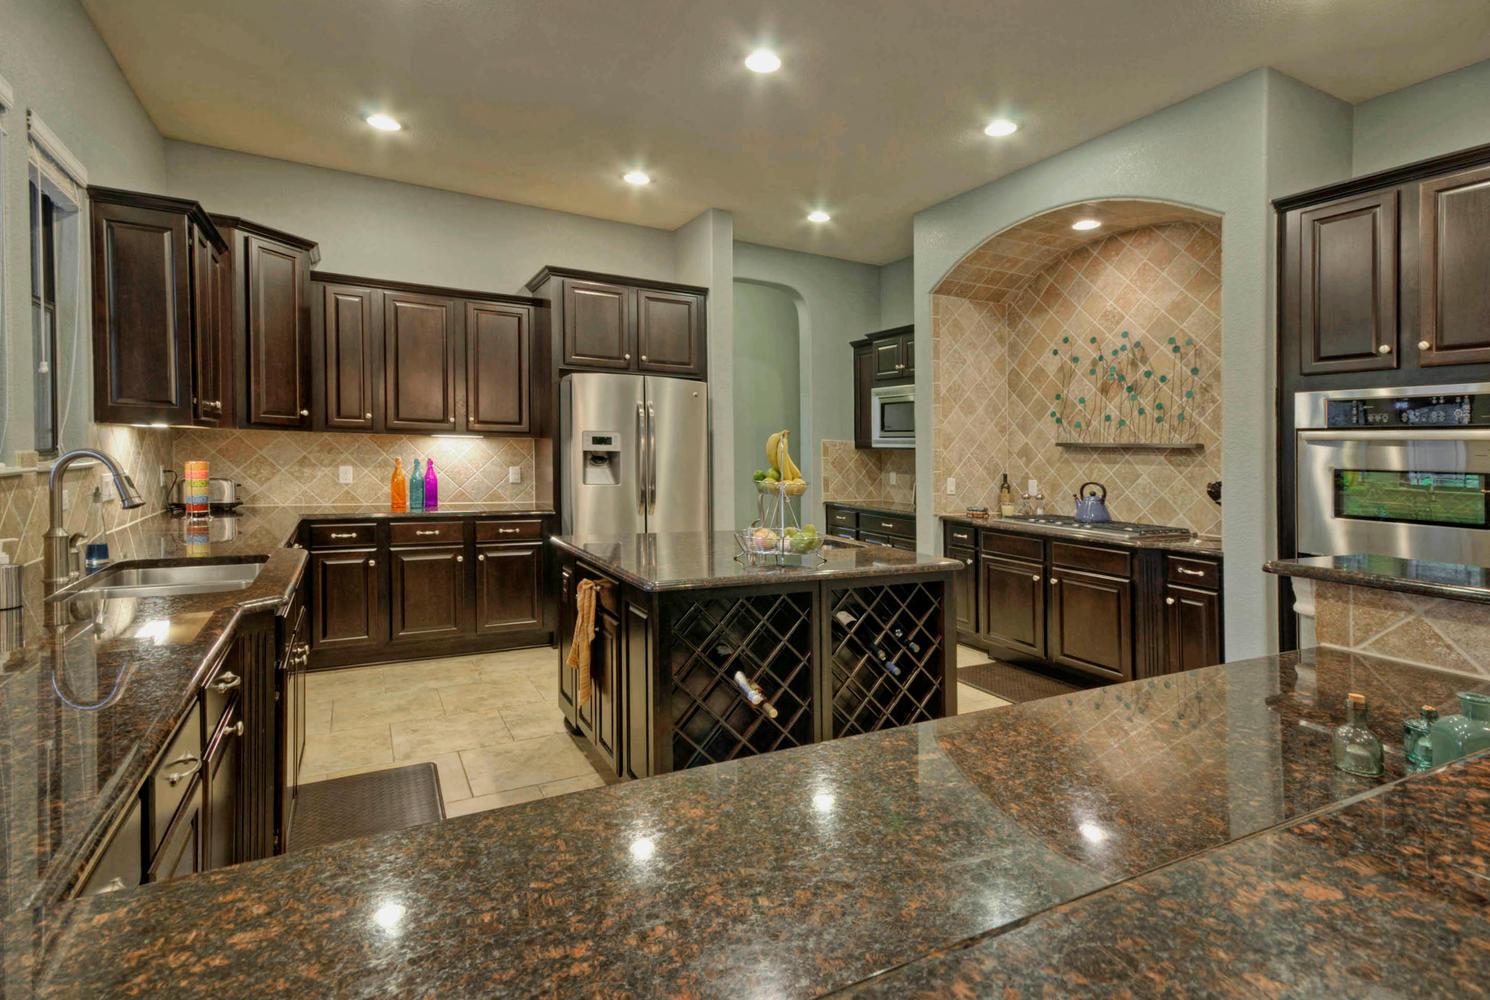 100 Austin Home Decor 100 Floor And Decor Austin